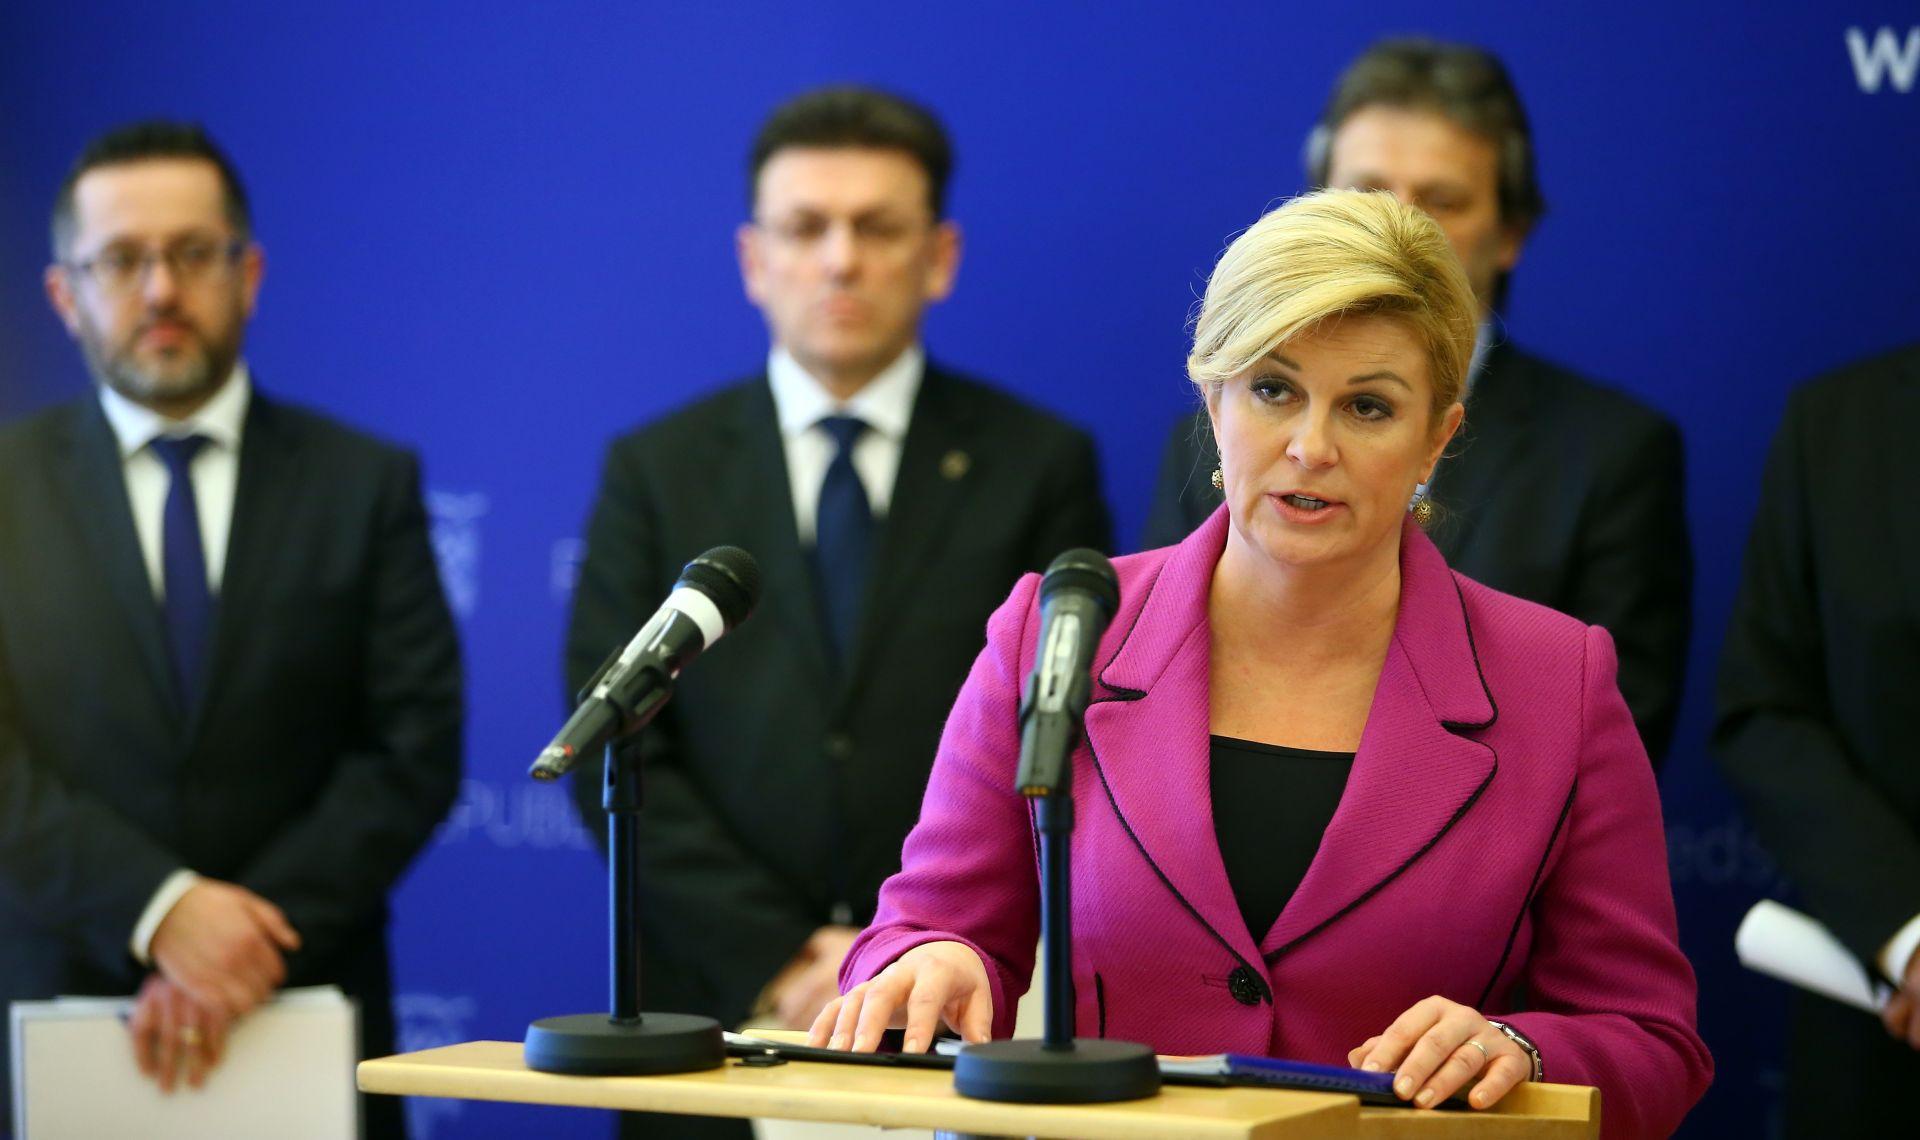 DRUGA GODIŠNJICA MANDATA Grabar-Kitarović: 'Bila sam jamac stabilnosti'